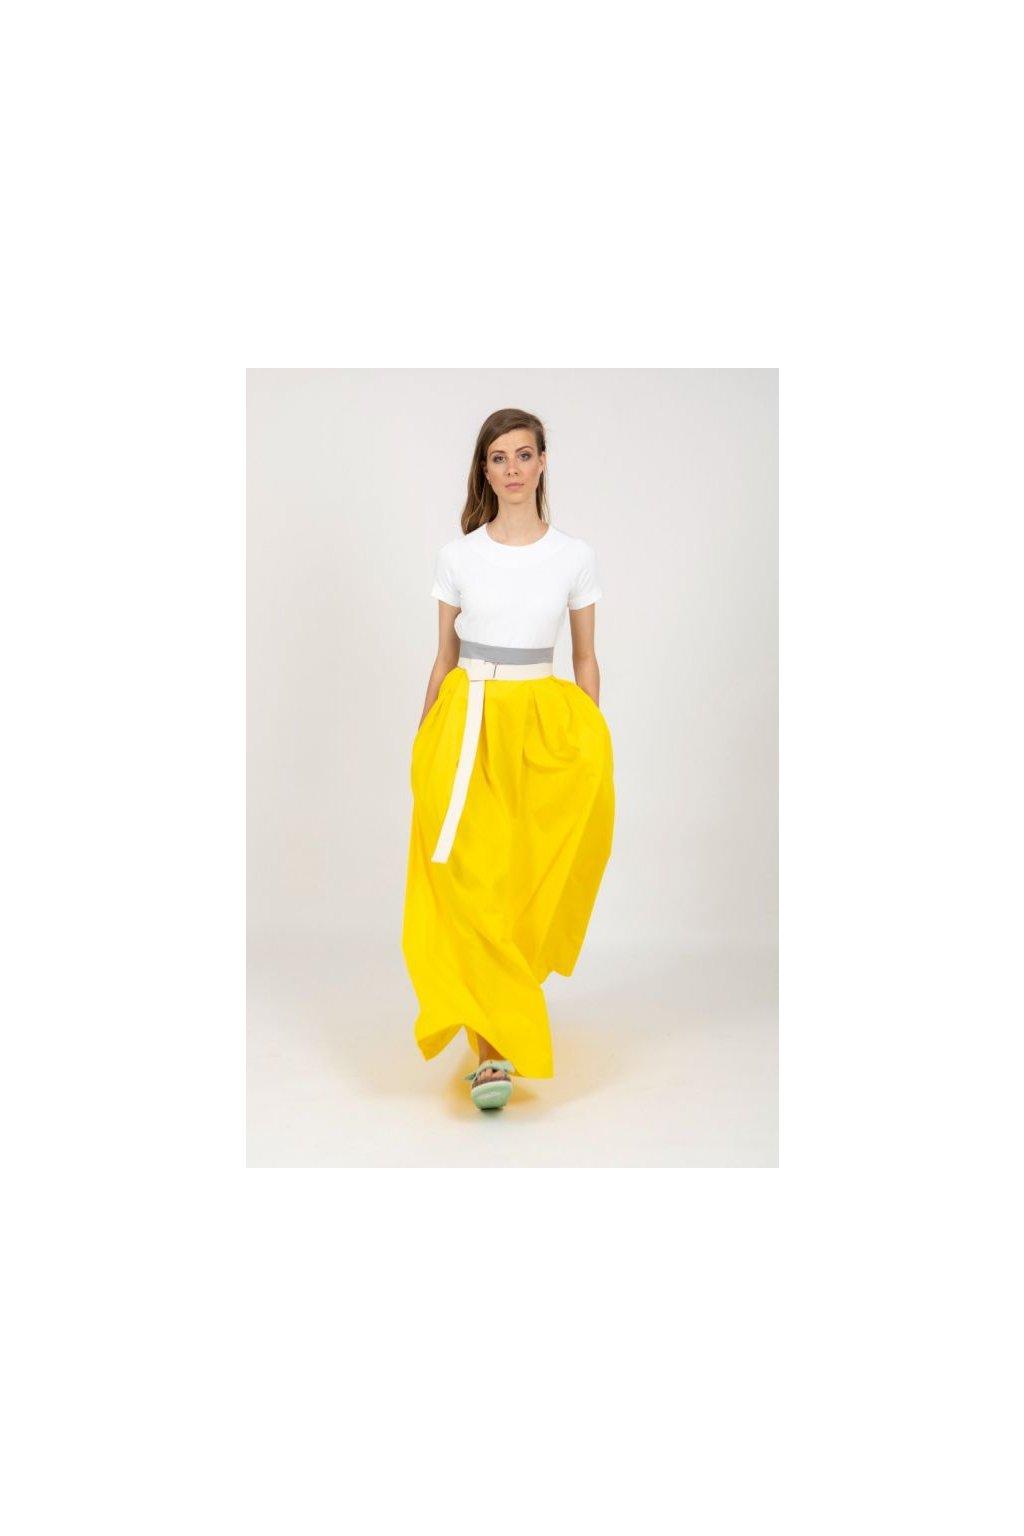 Dámská maxi sukně Frida žlutá 6